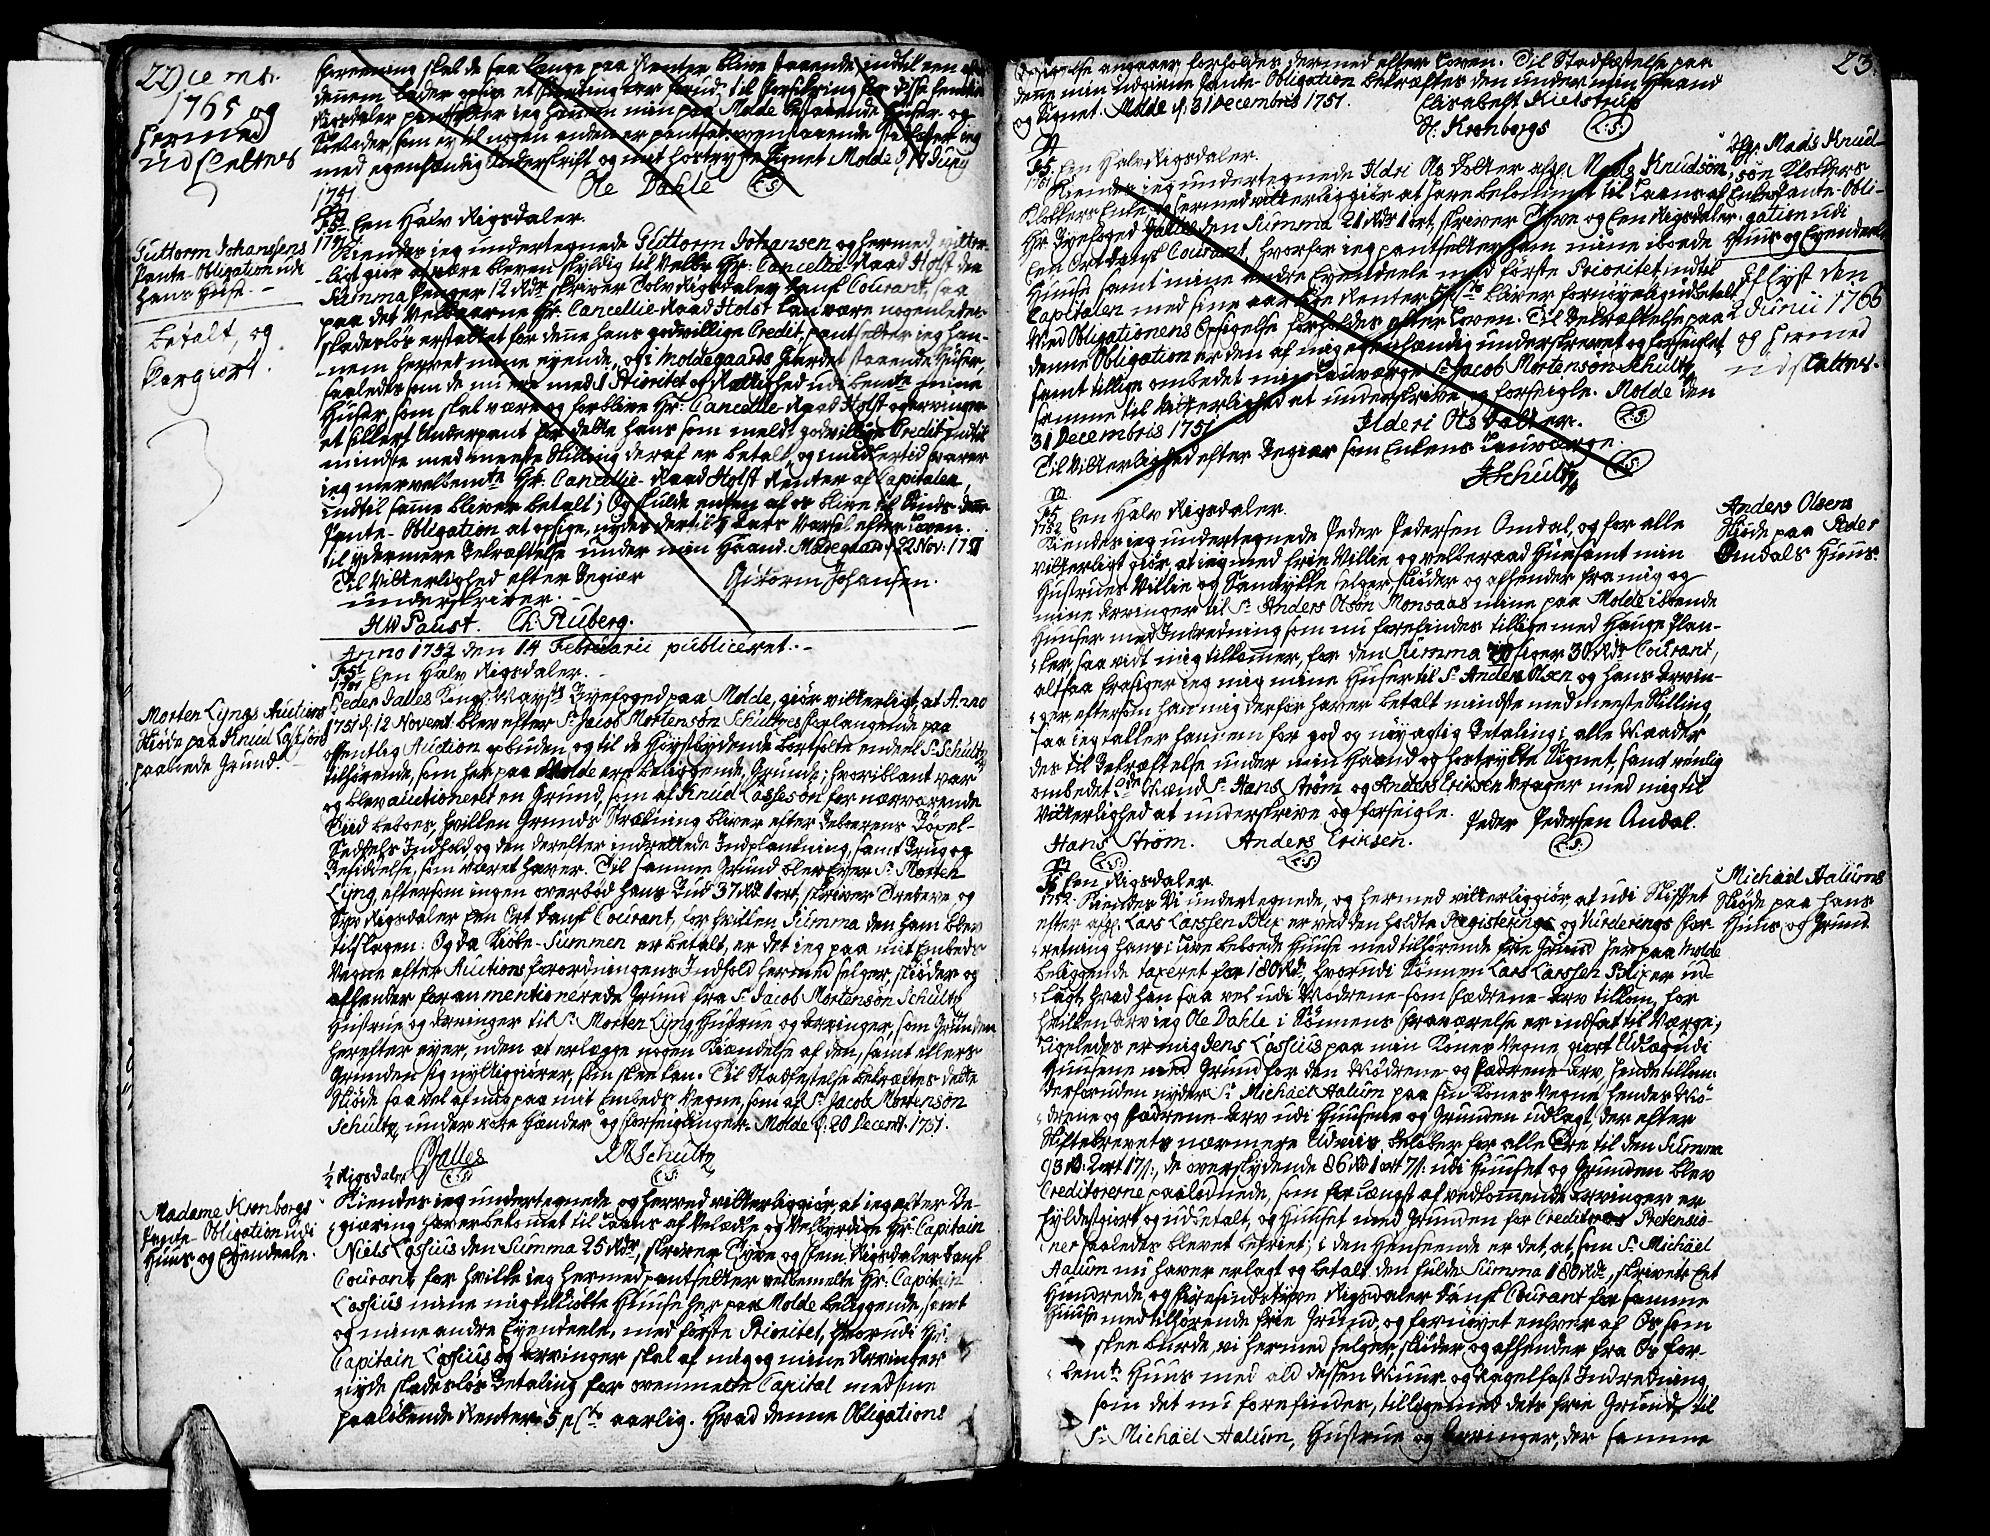 SAT, Molde byfogd, 2C/L0001: Pantebok nr. 1, 1748-1823, s. 22-23